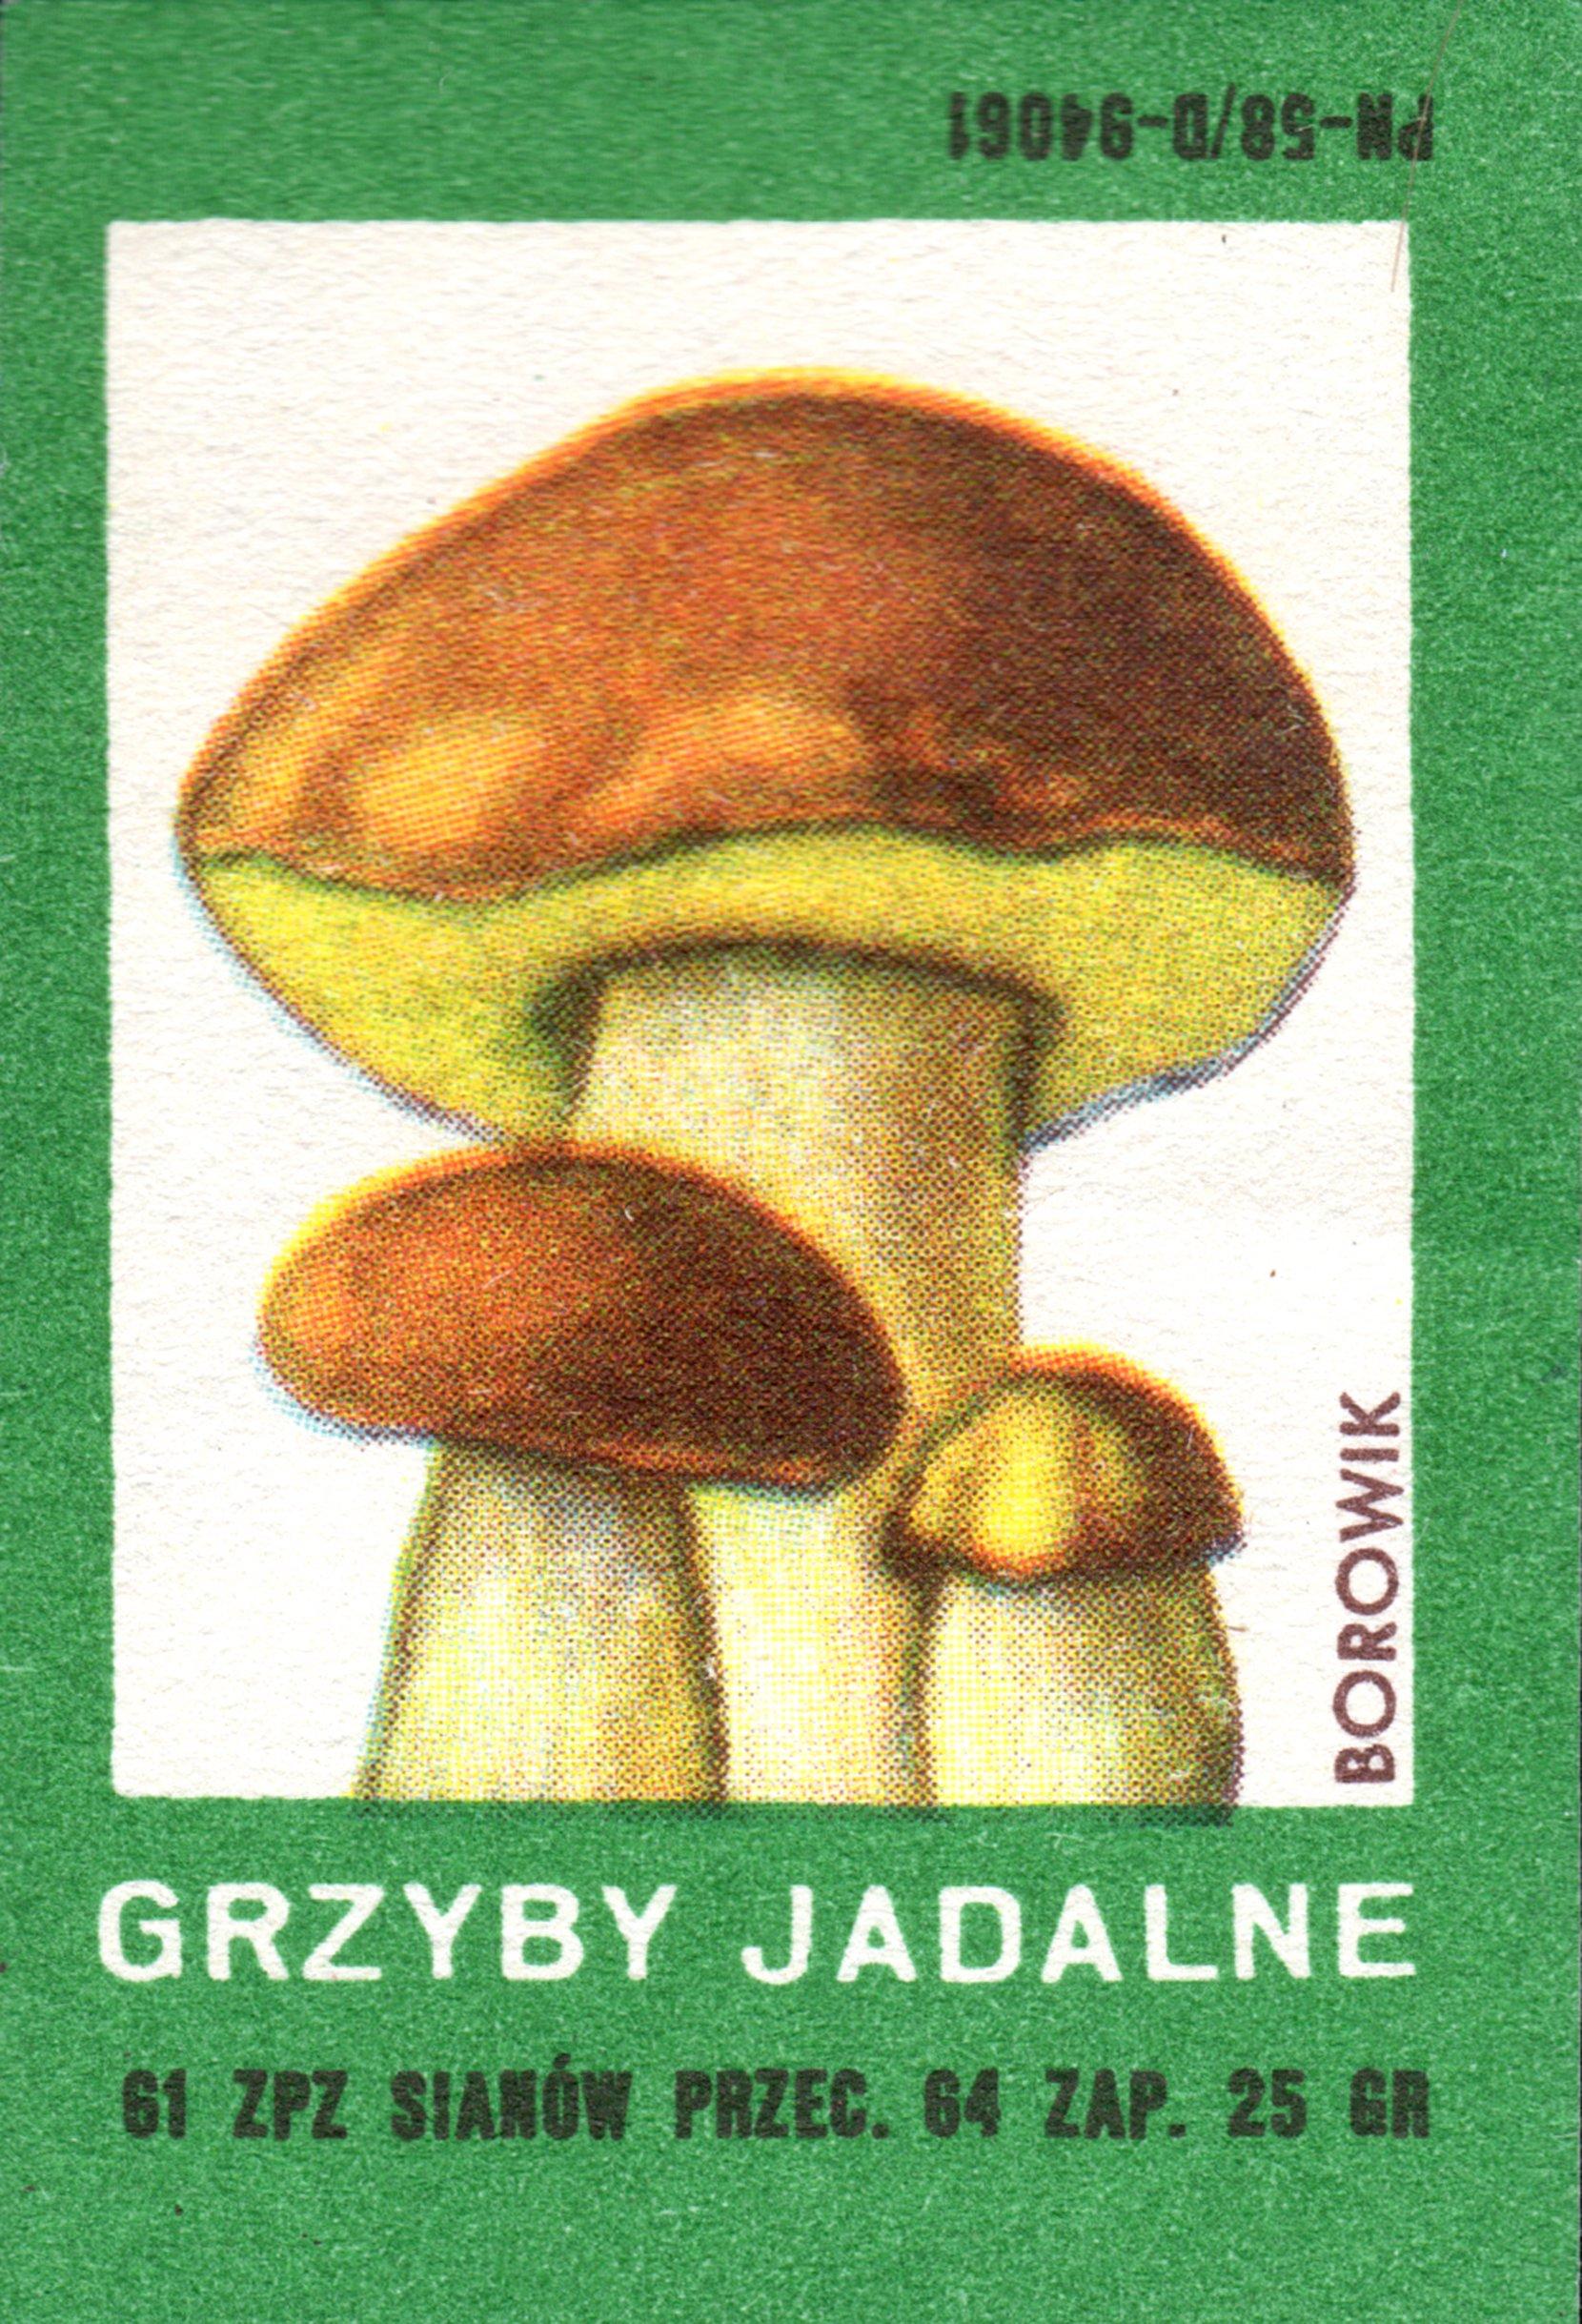 etykieta 66: grzyby jadalne, borowik (1961) phillumeny matchbox labels